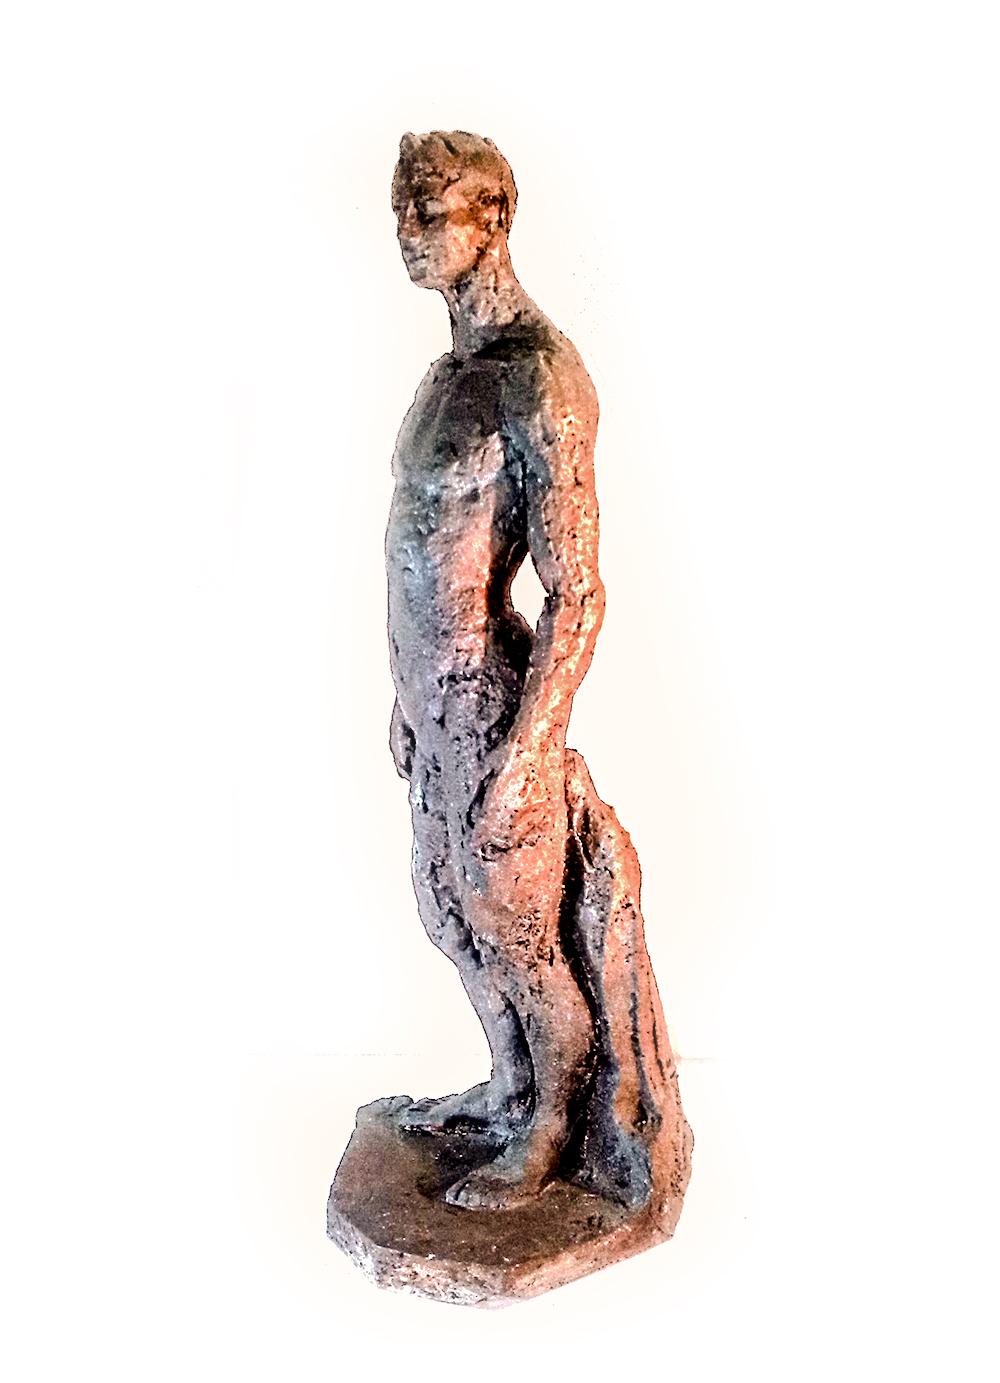 Escultura-Masculina-B-Figurativo-Realista-RD.Escultor